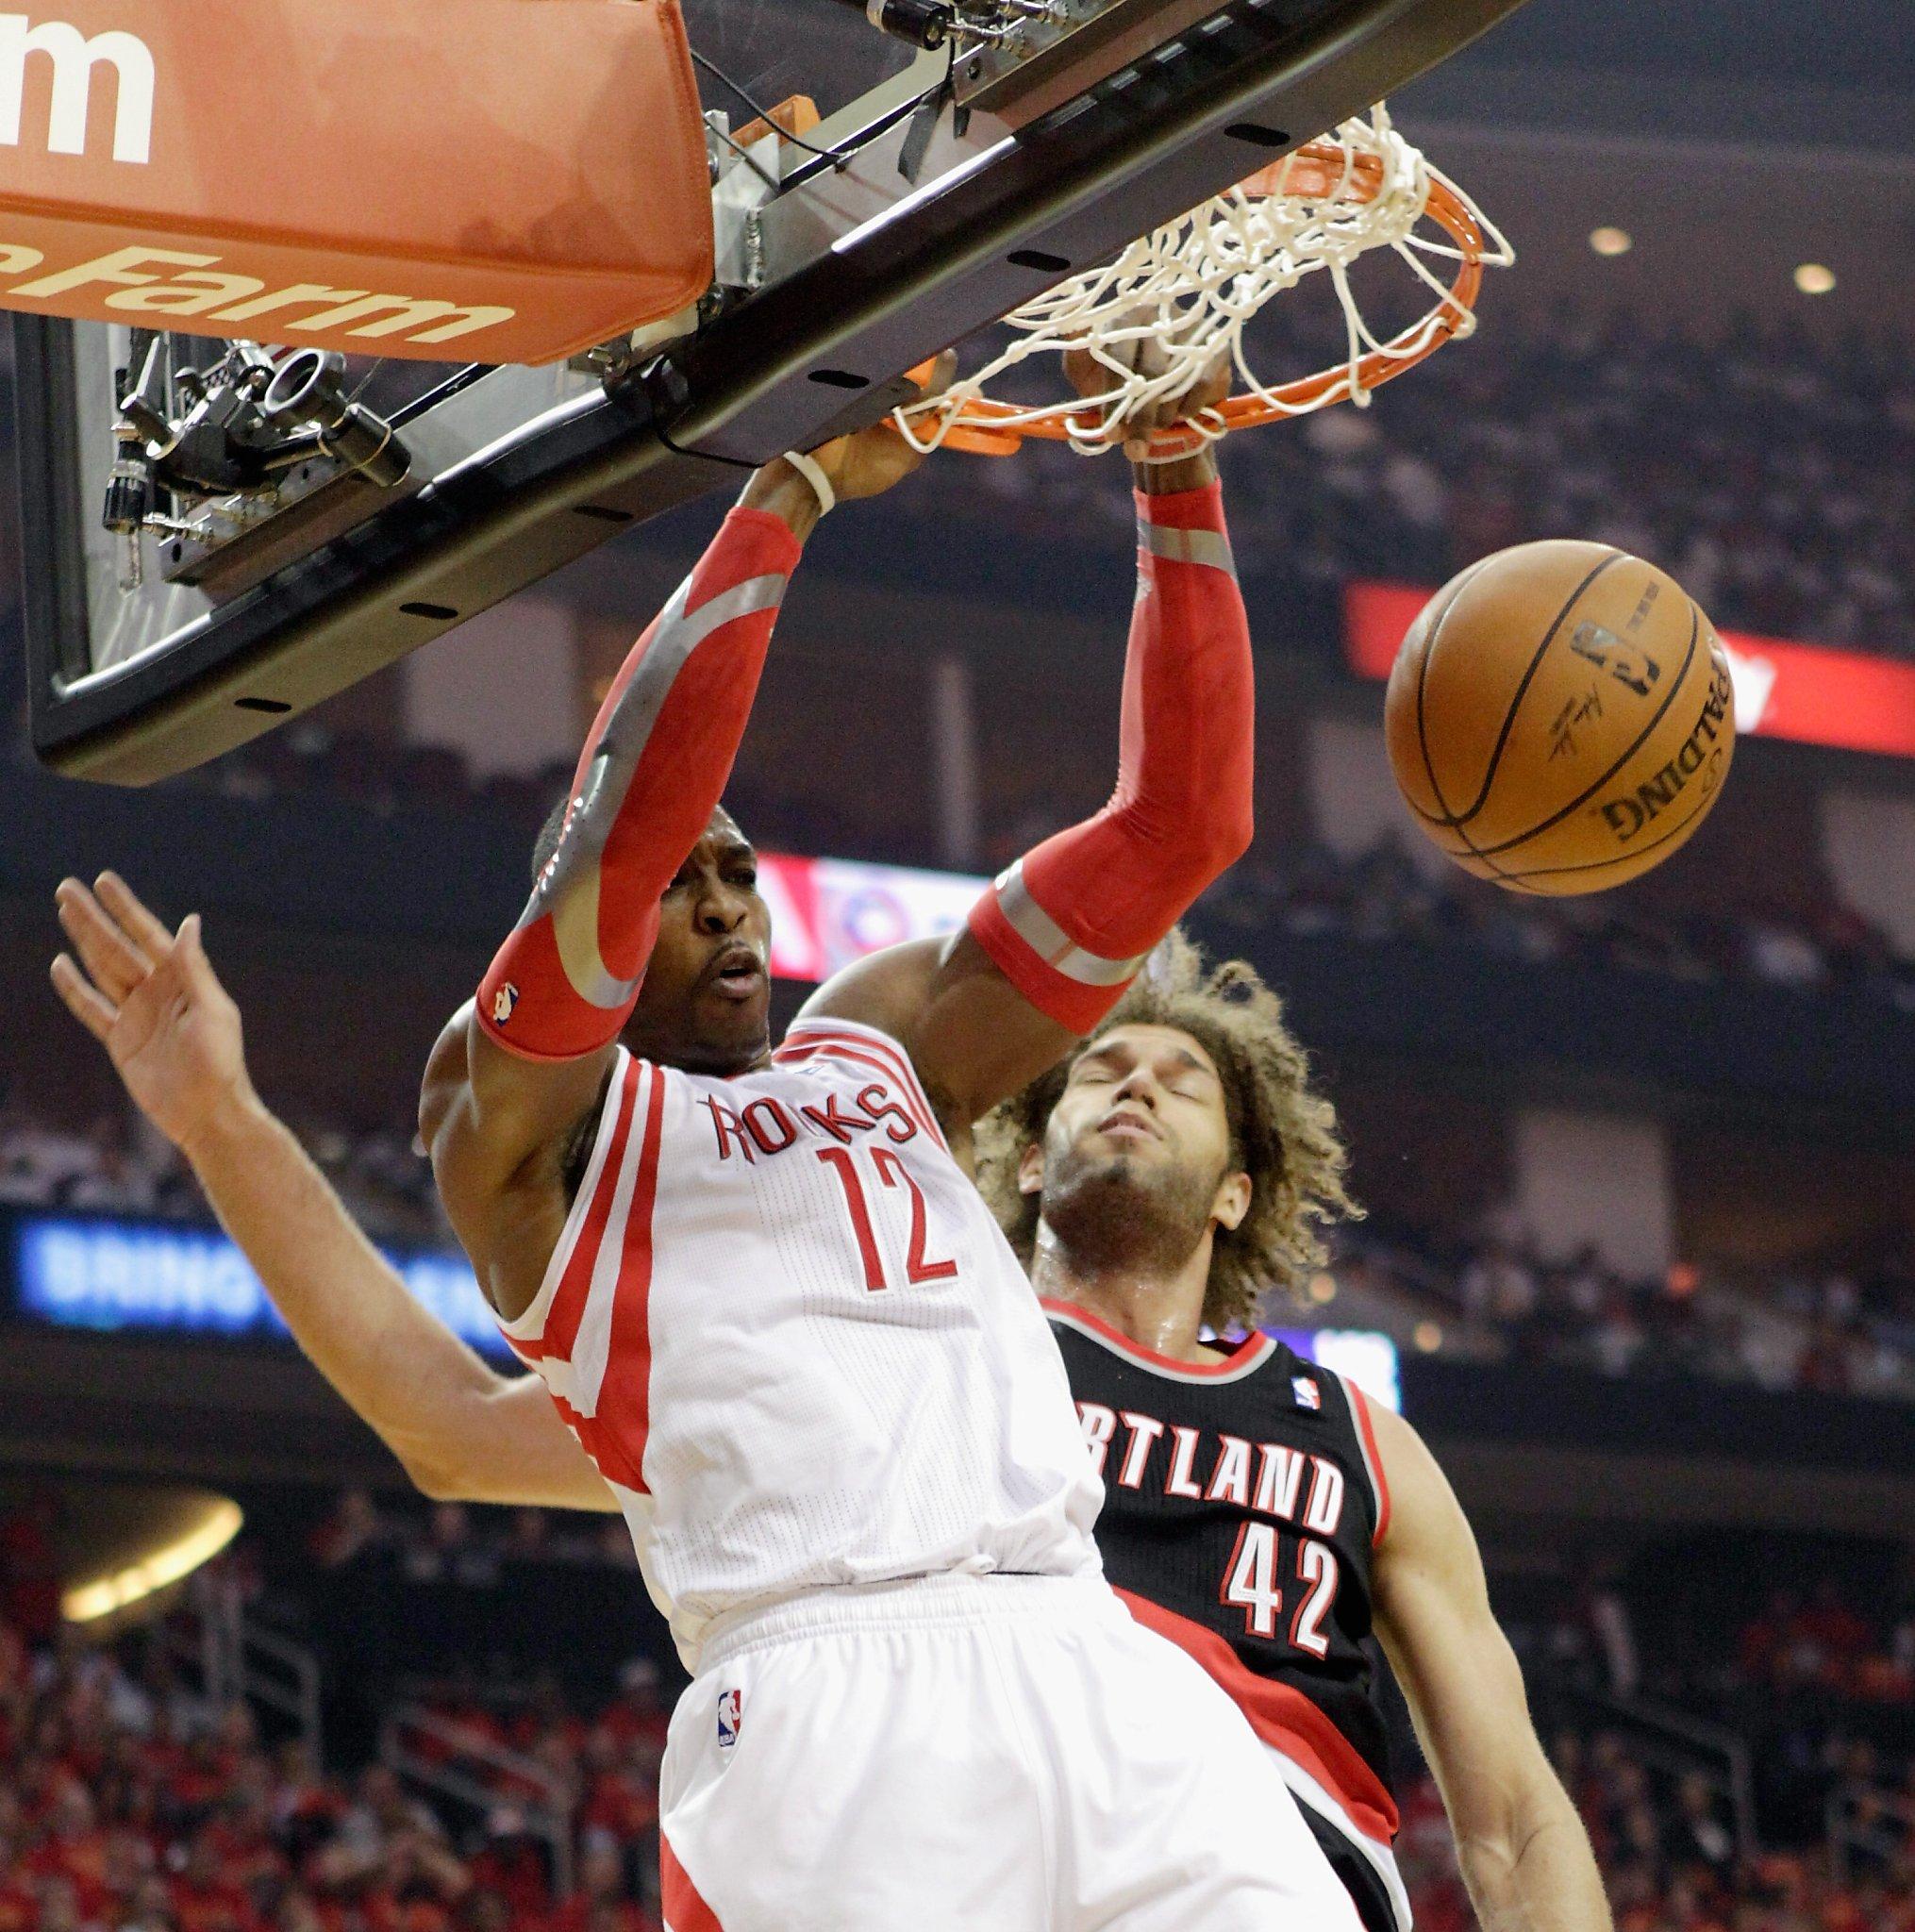 Blazers Vs Pelicans Box Score Game 1